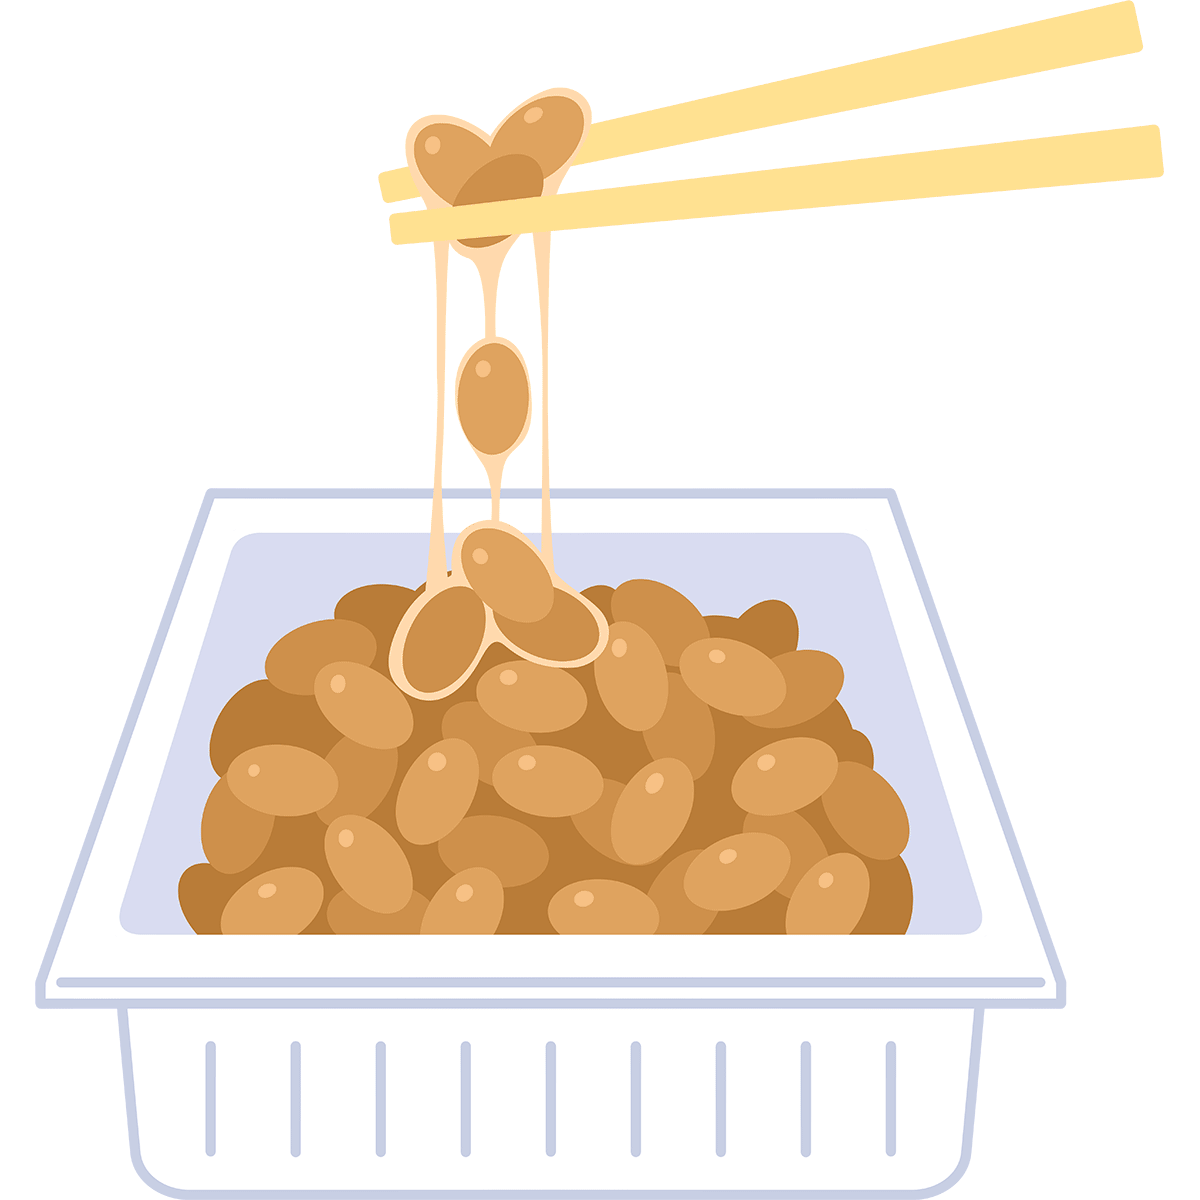 納豆の無料イラスト